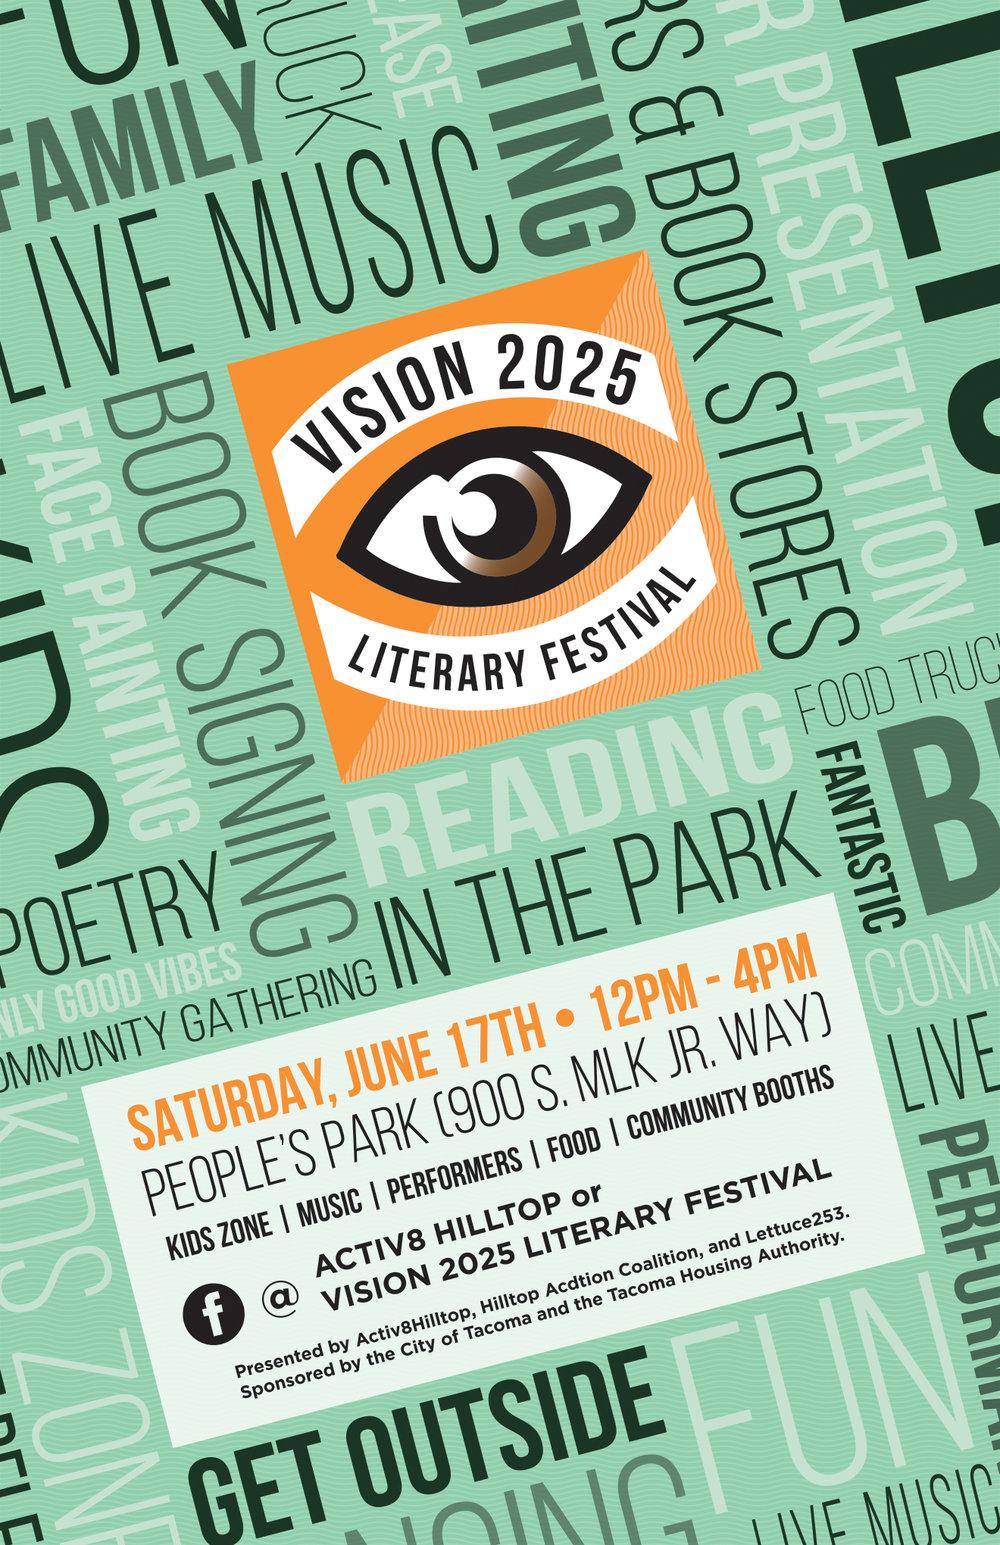 Vision 2025 Poster-1.jpg